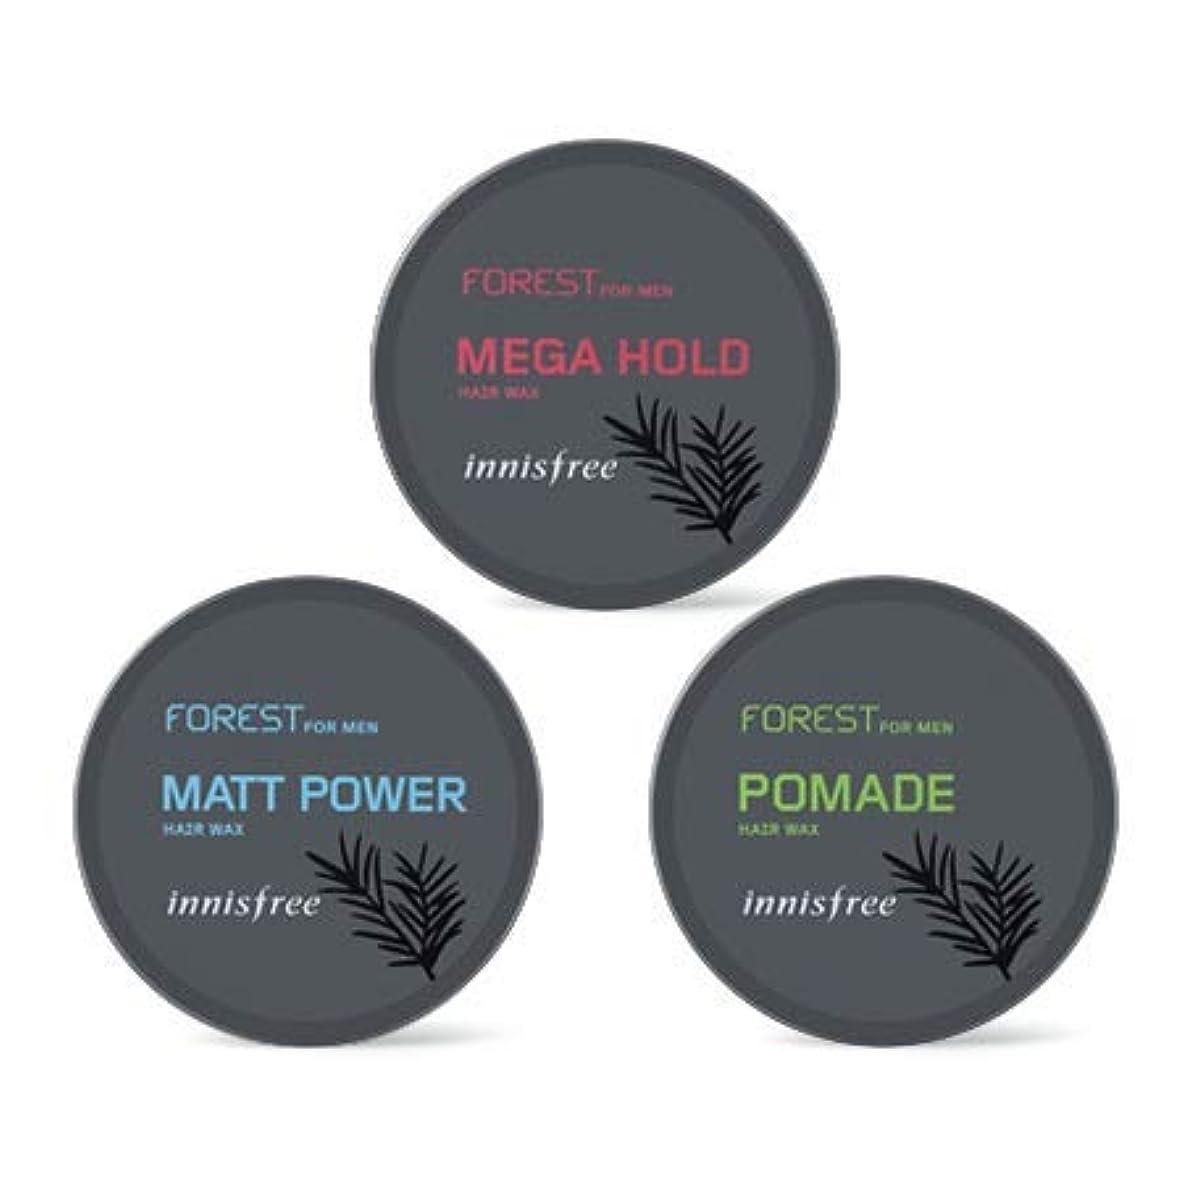 優先にじみ出る本質的に[イニスフリー.INNISFREE](公式)フォレストフォアマンヘアワックス(3種)/ Forest For Men Hair Wax(60G、3 kind) (# mega hold)